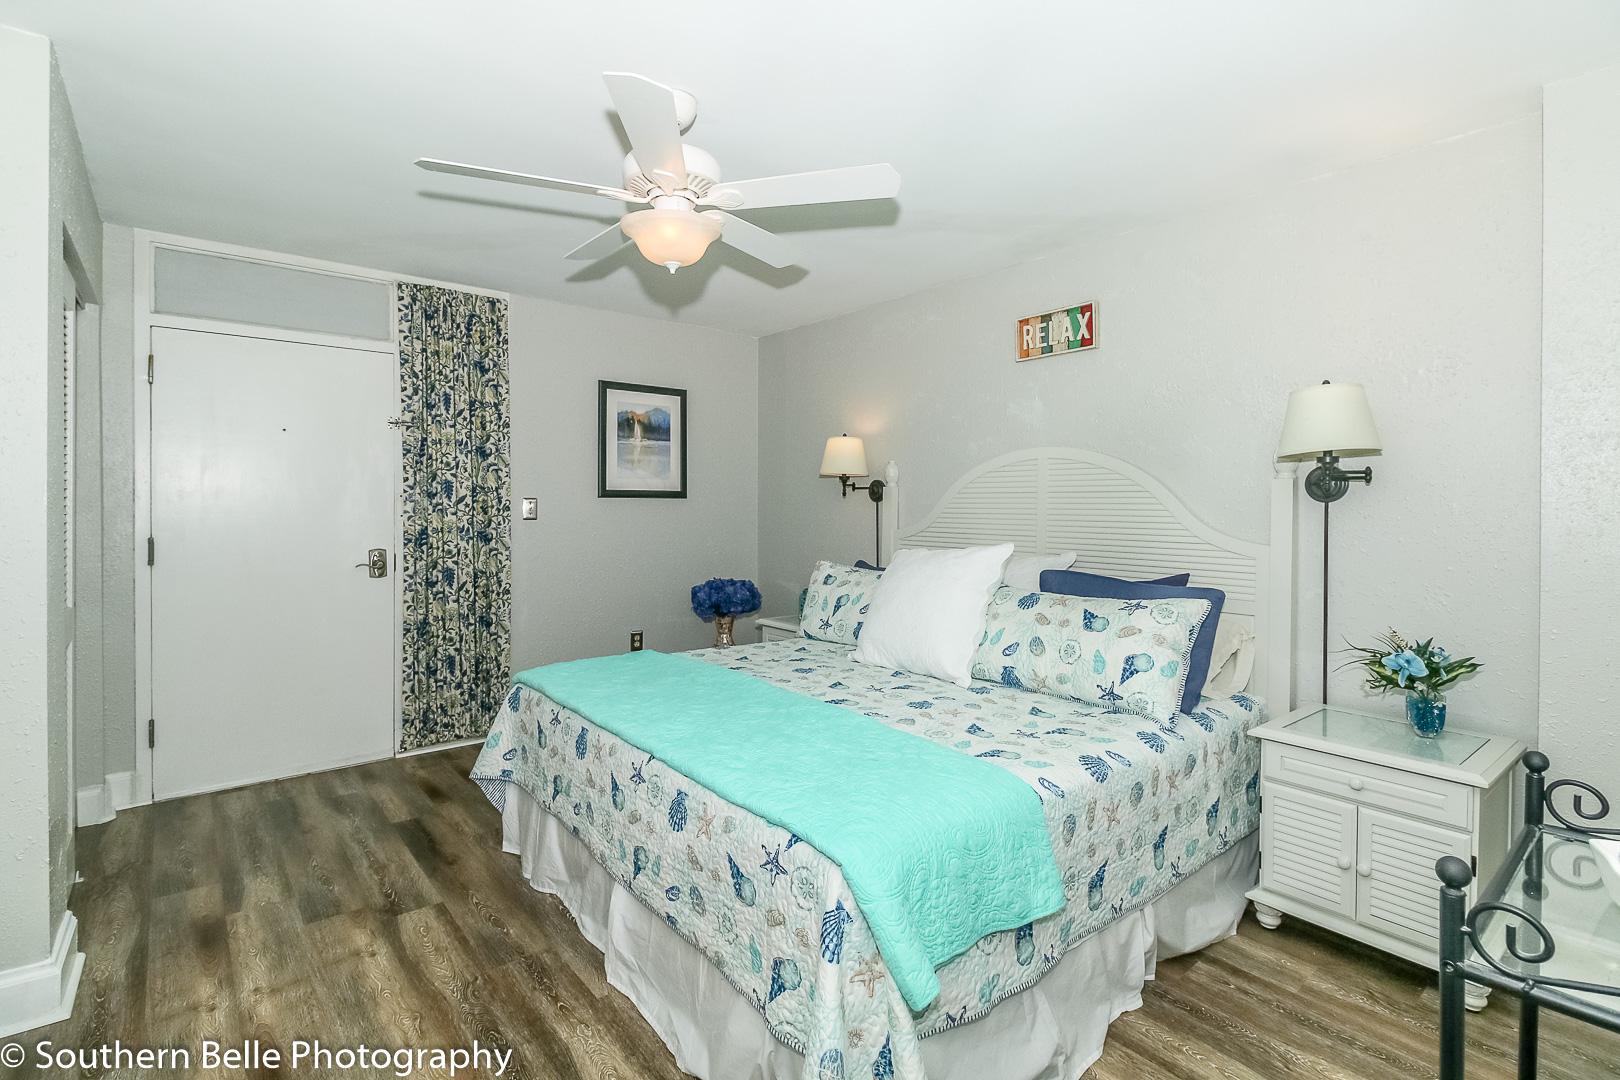 3. Bedroom View WM